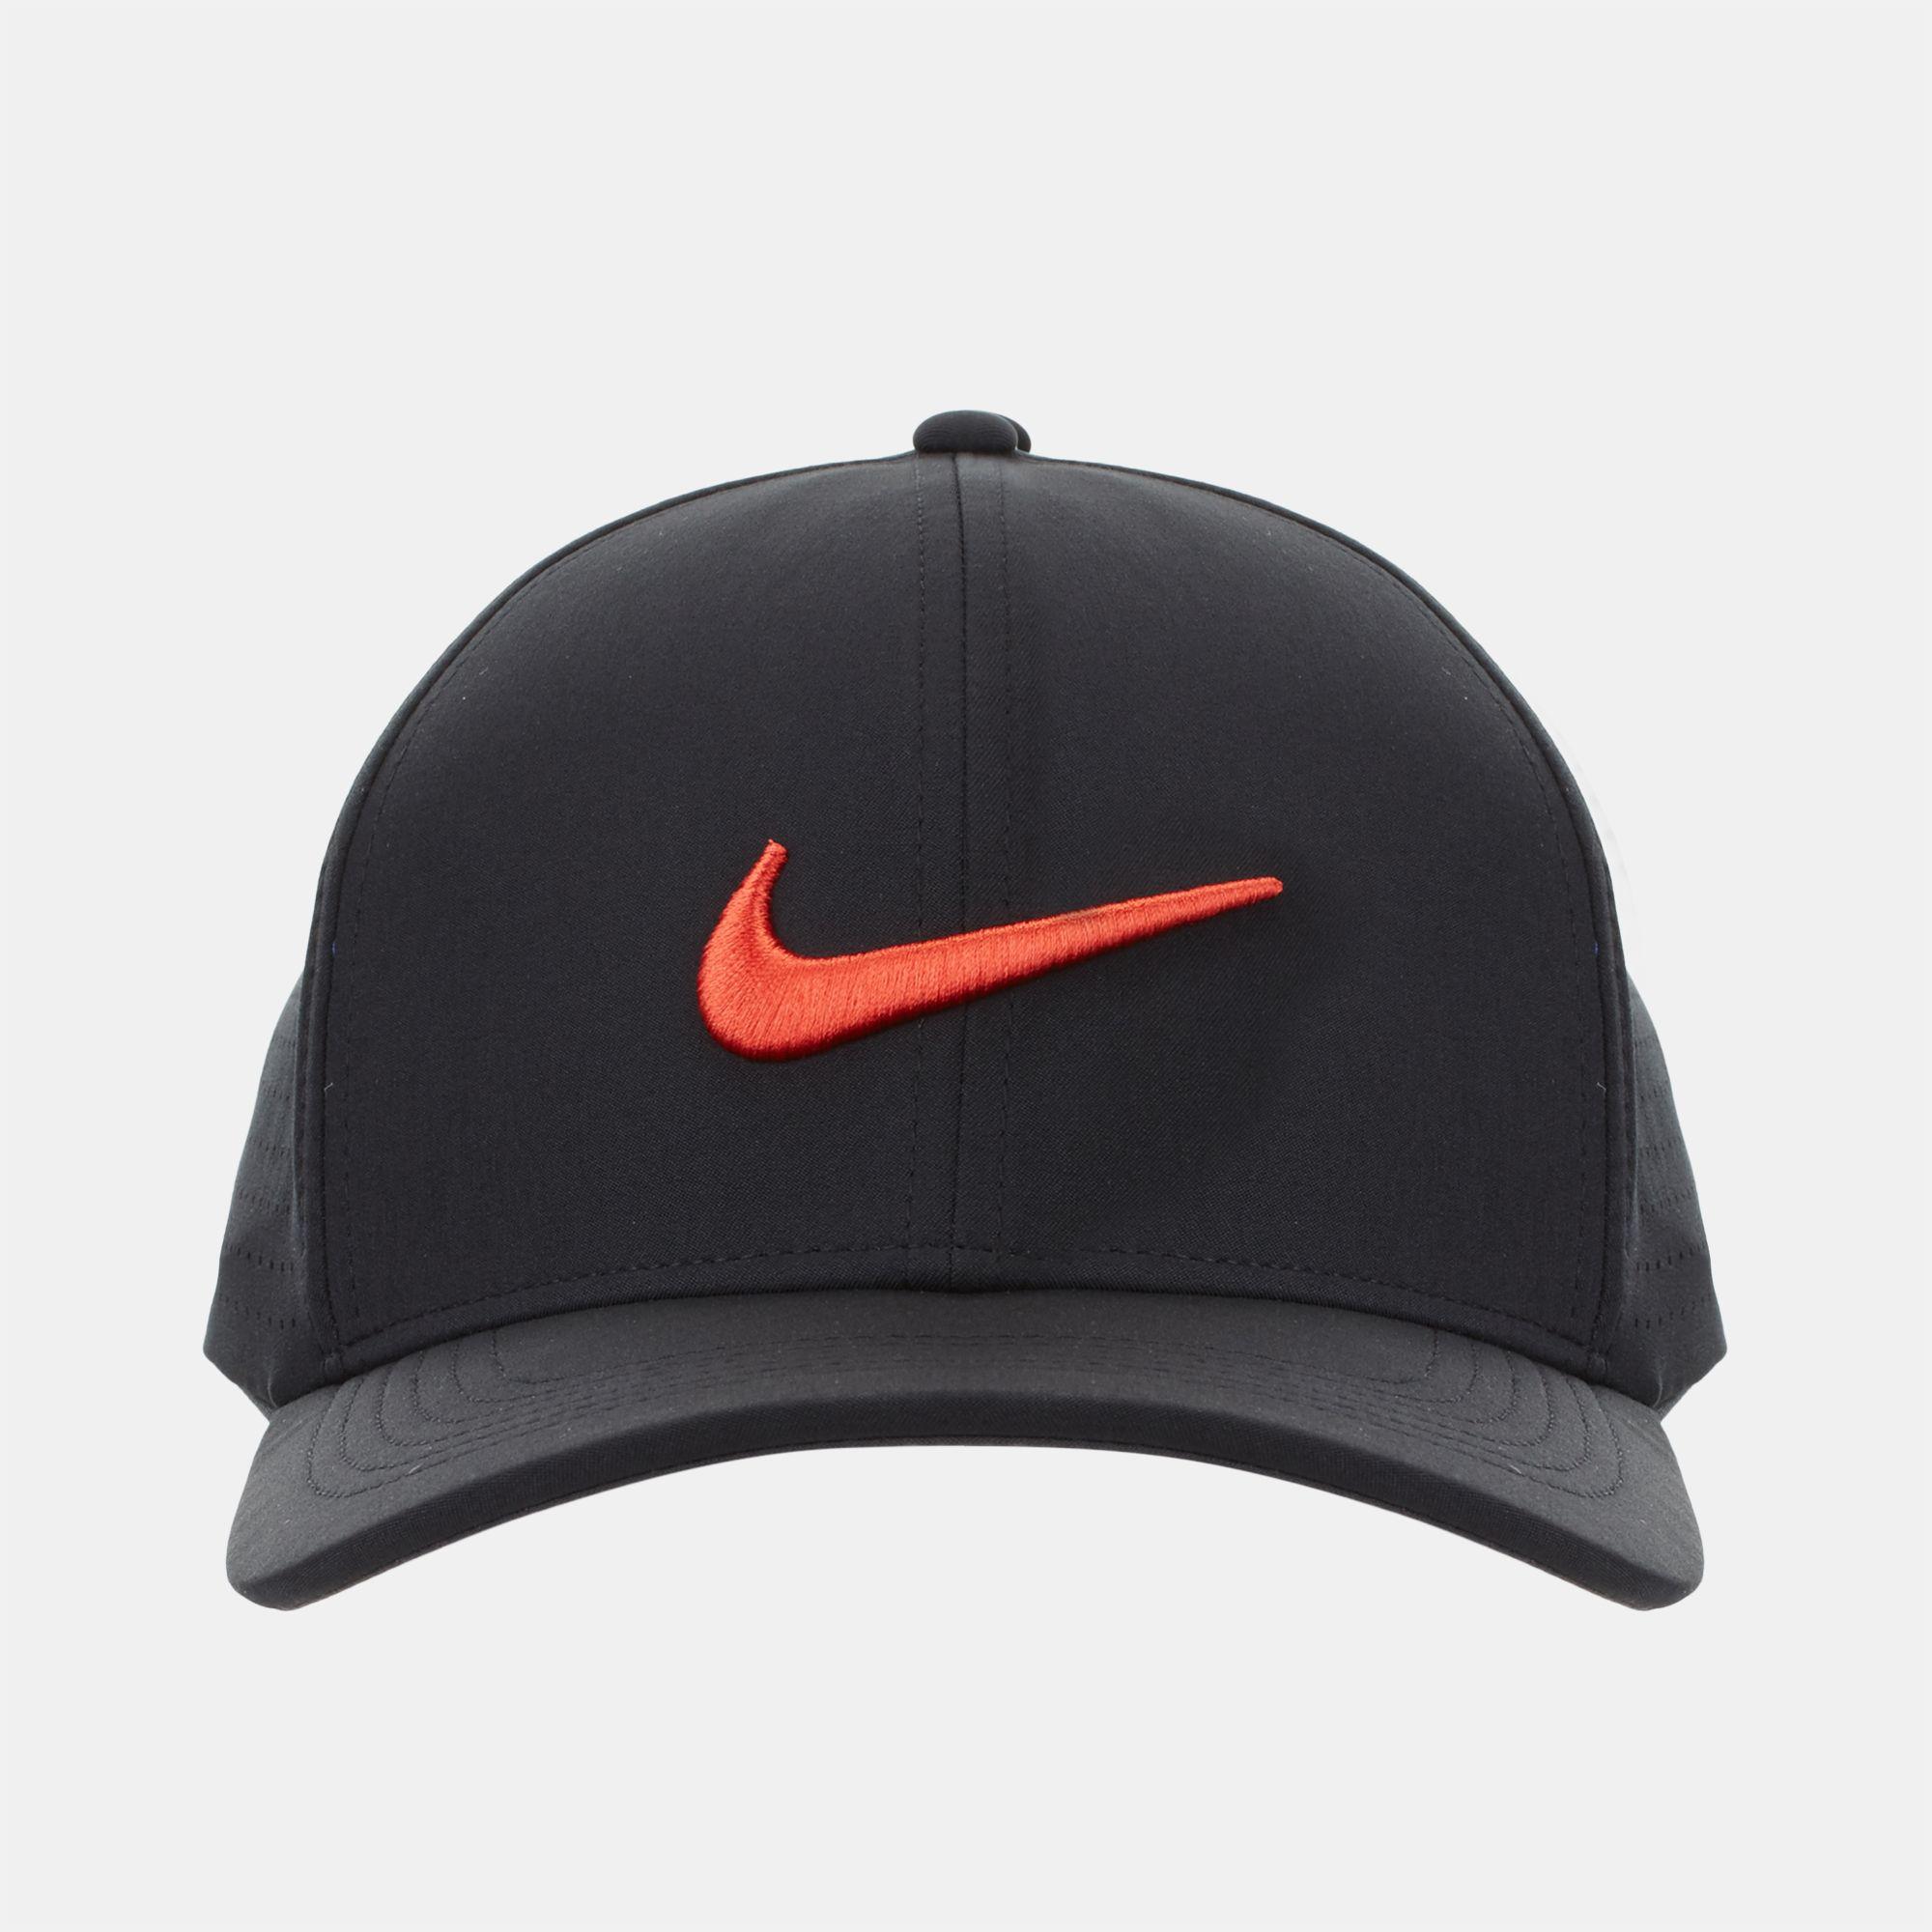 574e3143119a7 Nike Golf Classic 99 Fitted Cap